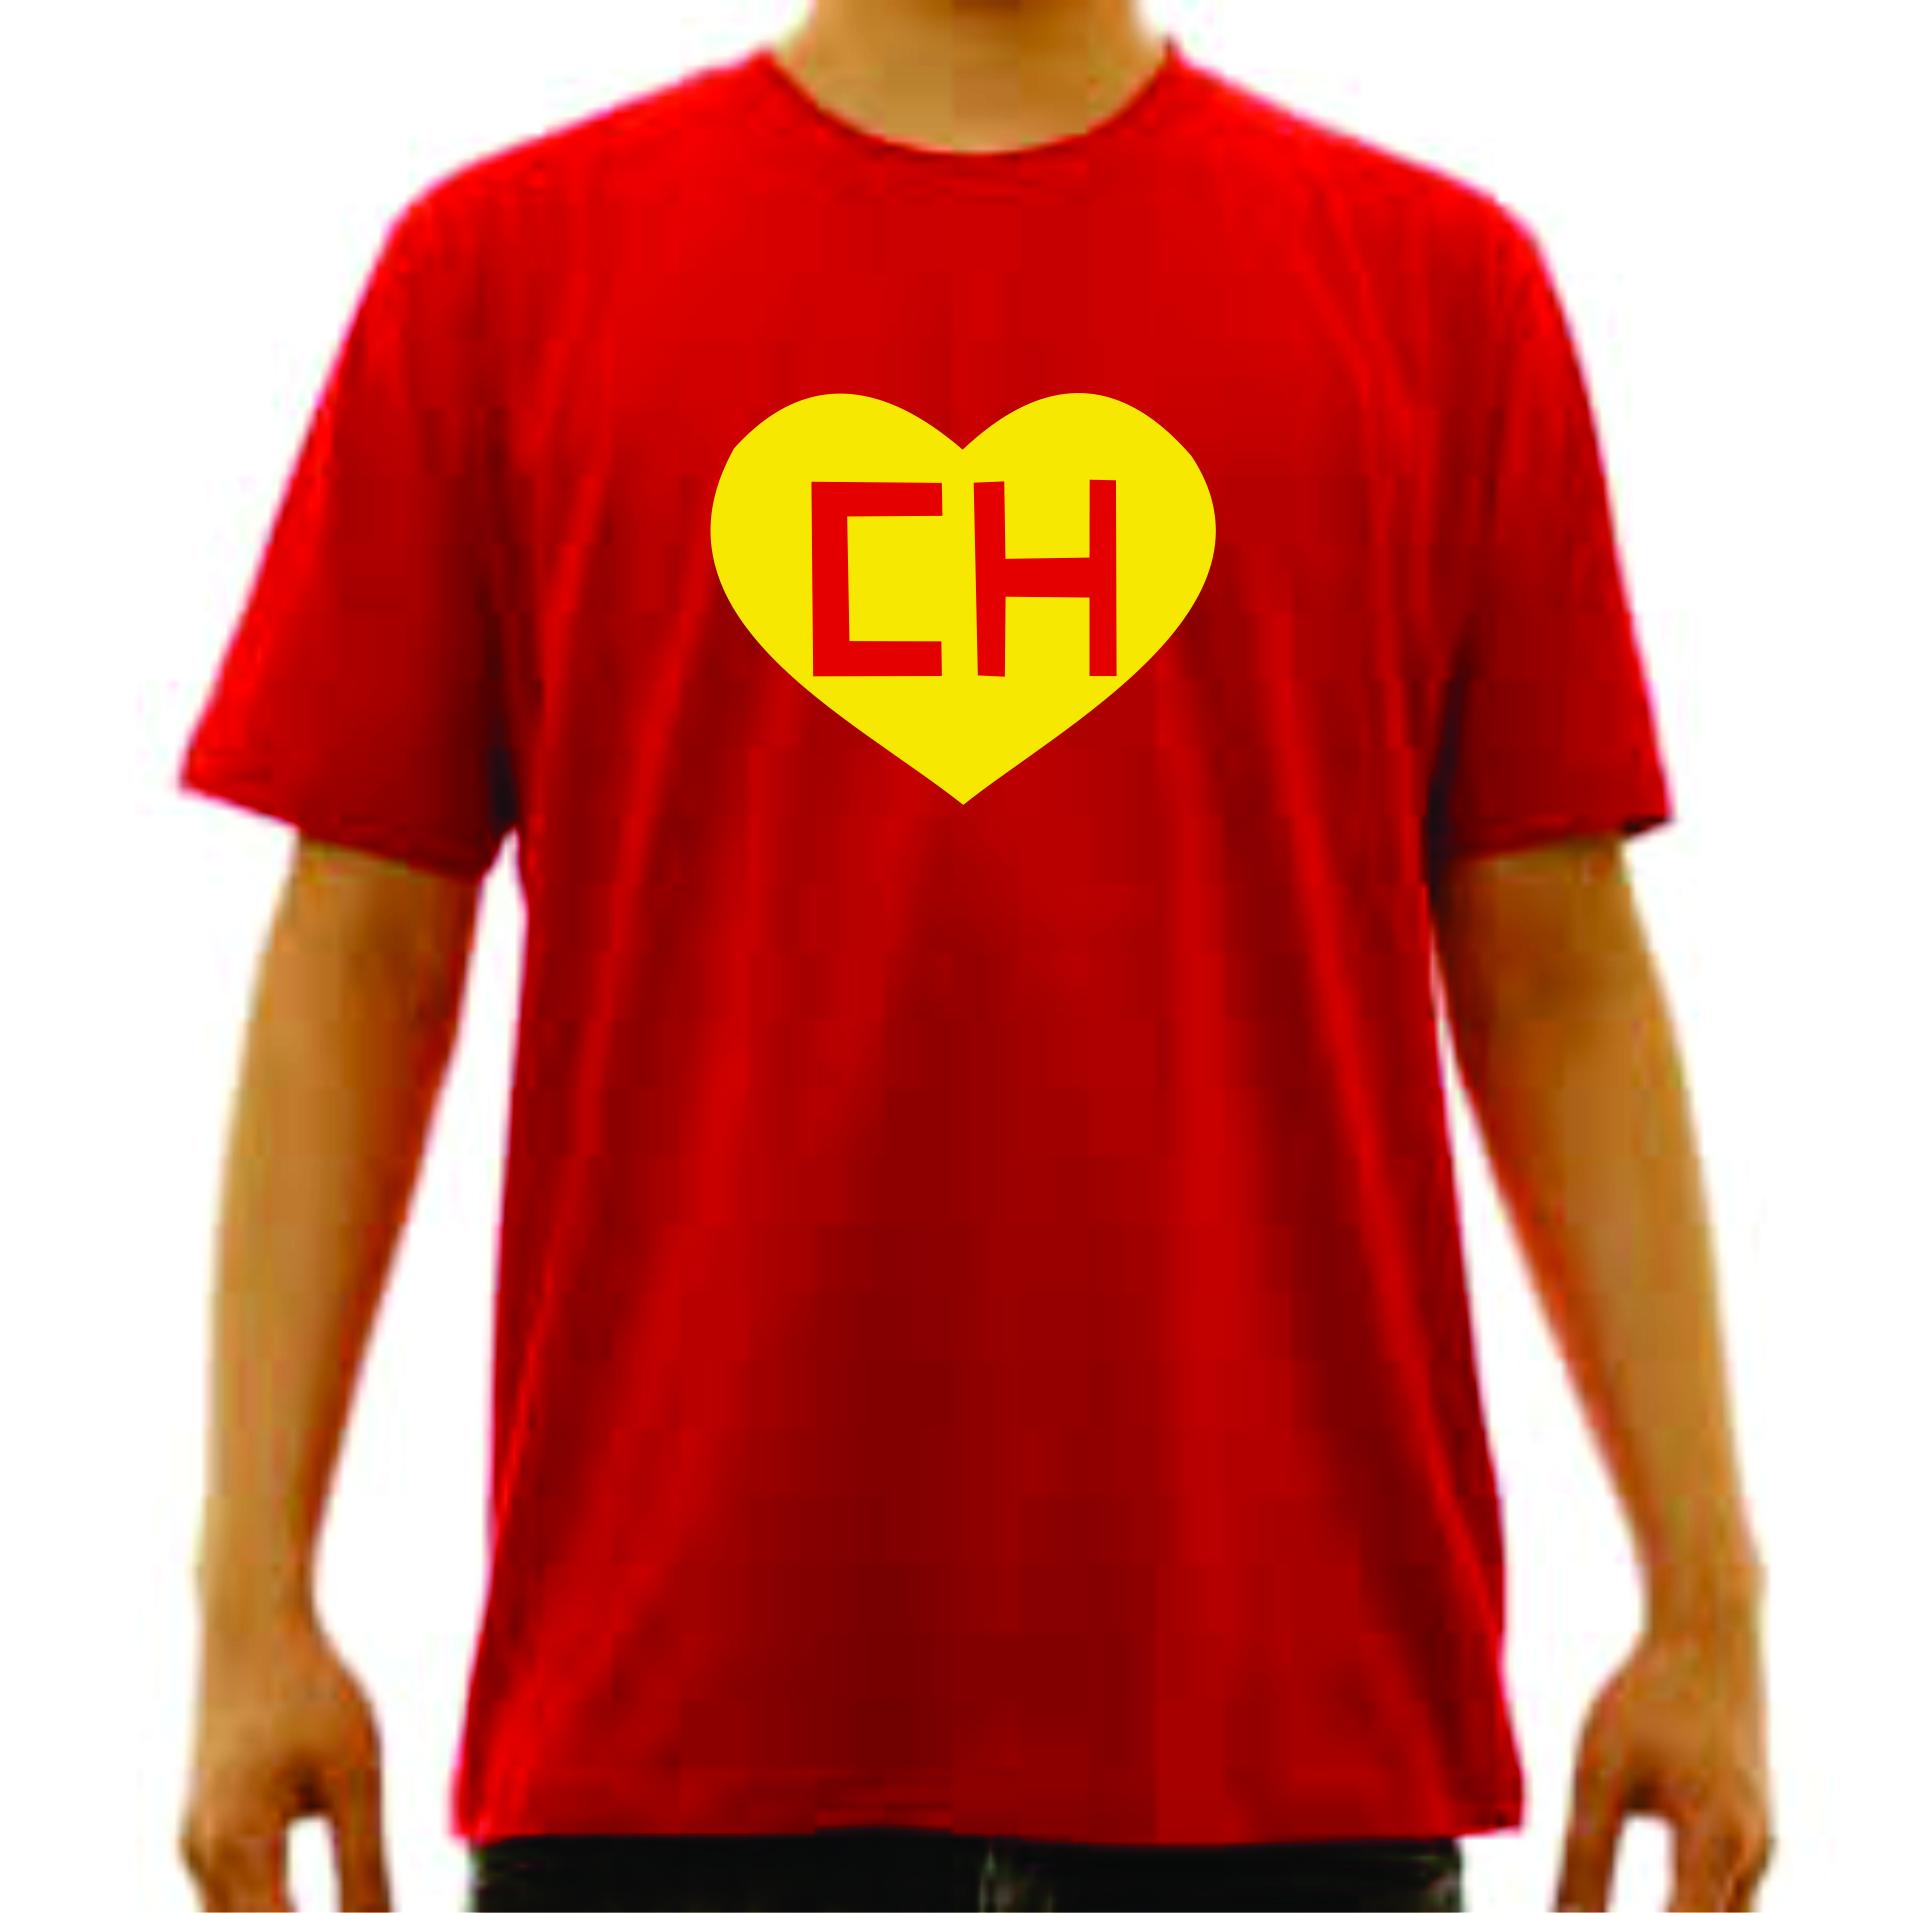 d1412b5c0 Camiseta do Chapolin colorado no Elo7